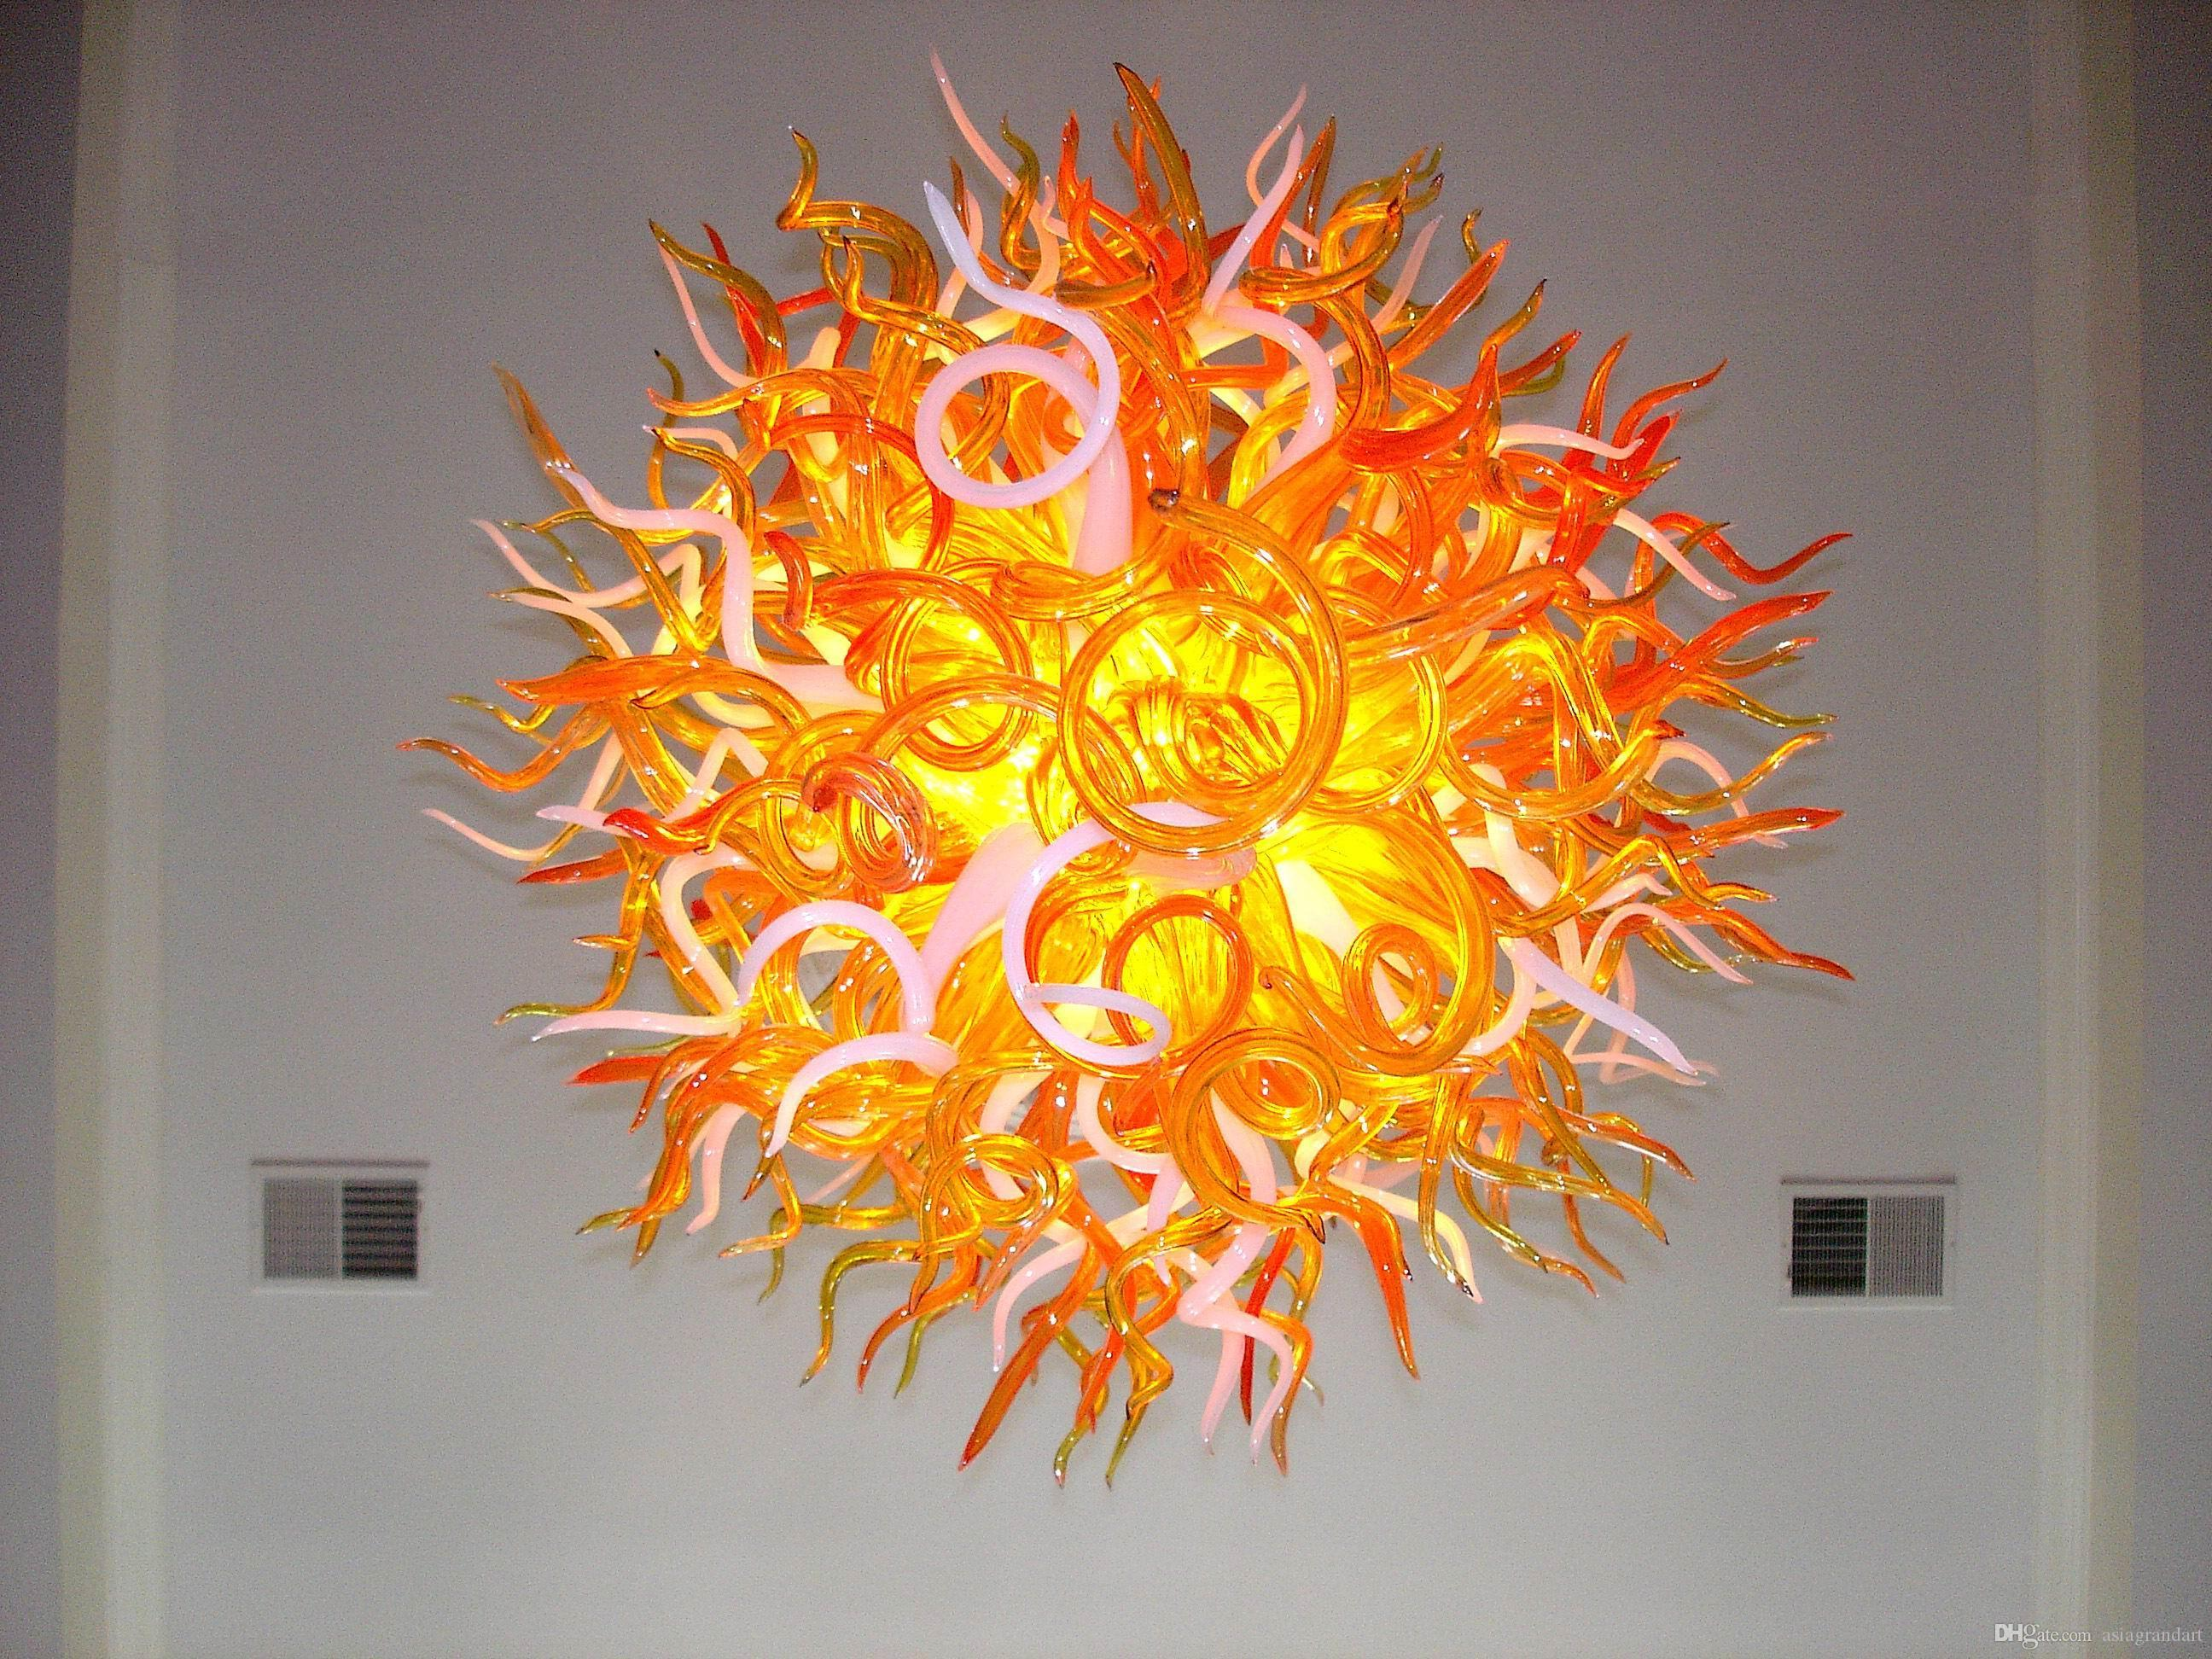 100٪ الفم في مهب CE UL البورسليكات زجاج مورانو كيلي دايل الفن صن شاين الزجاج الحديثة قلادة الثريا